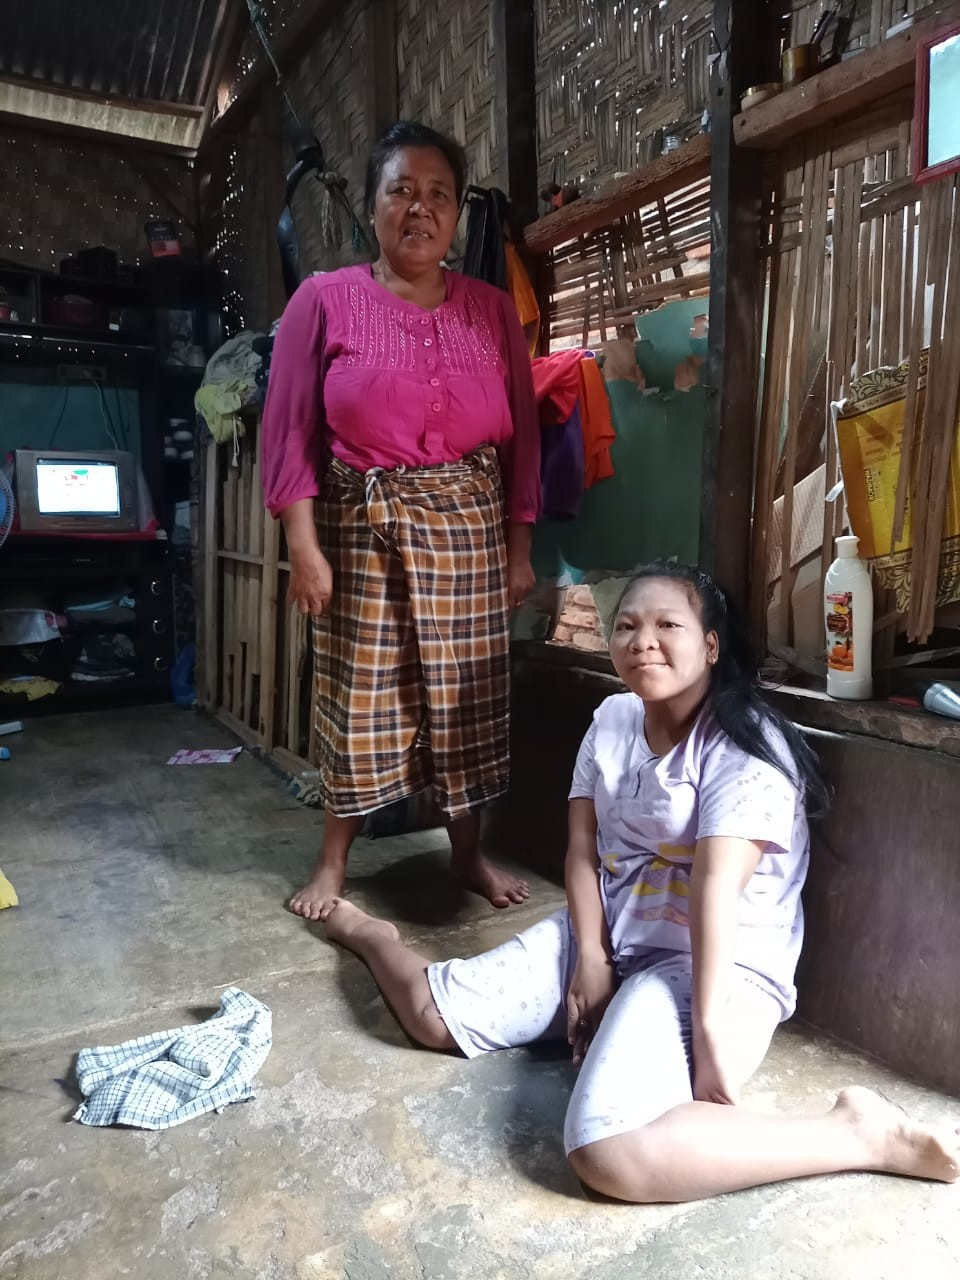 Gadis 17 Tahun ini Tak Bisa Berjalan, Butuh Perhatian Pemerintah dan Dermawan